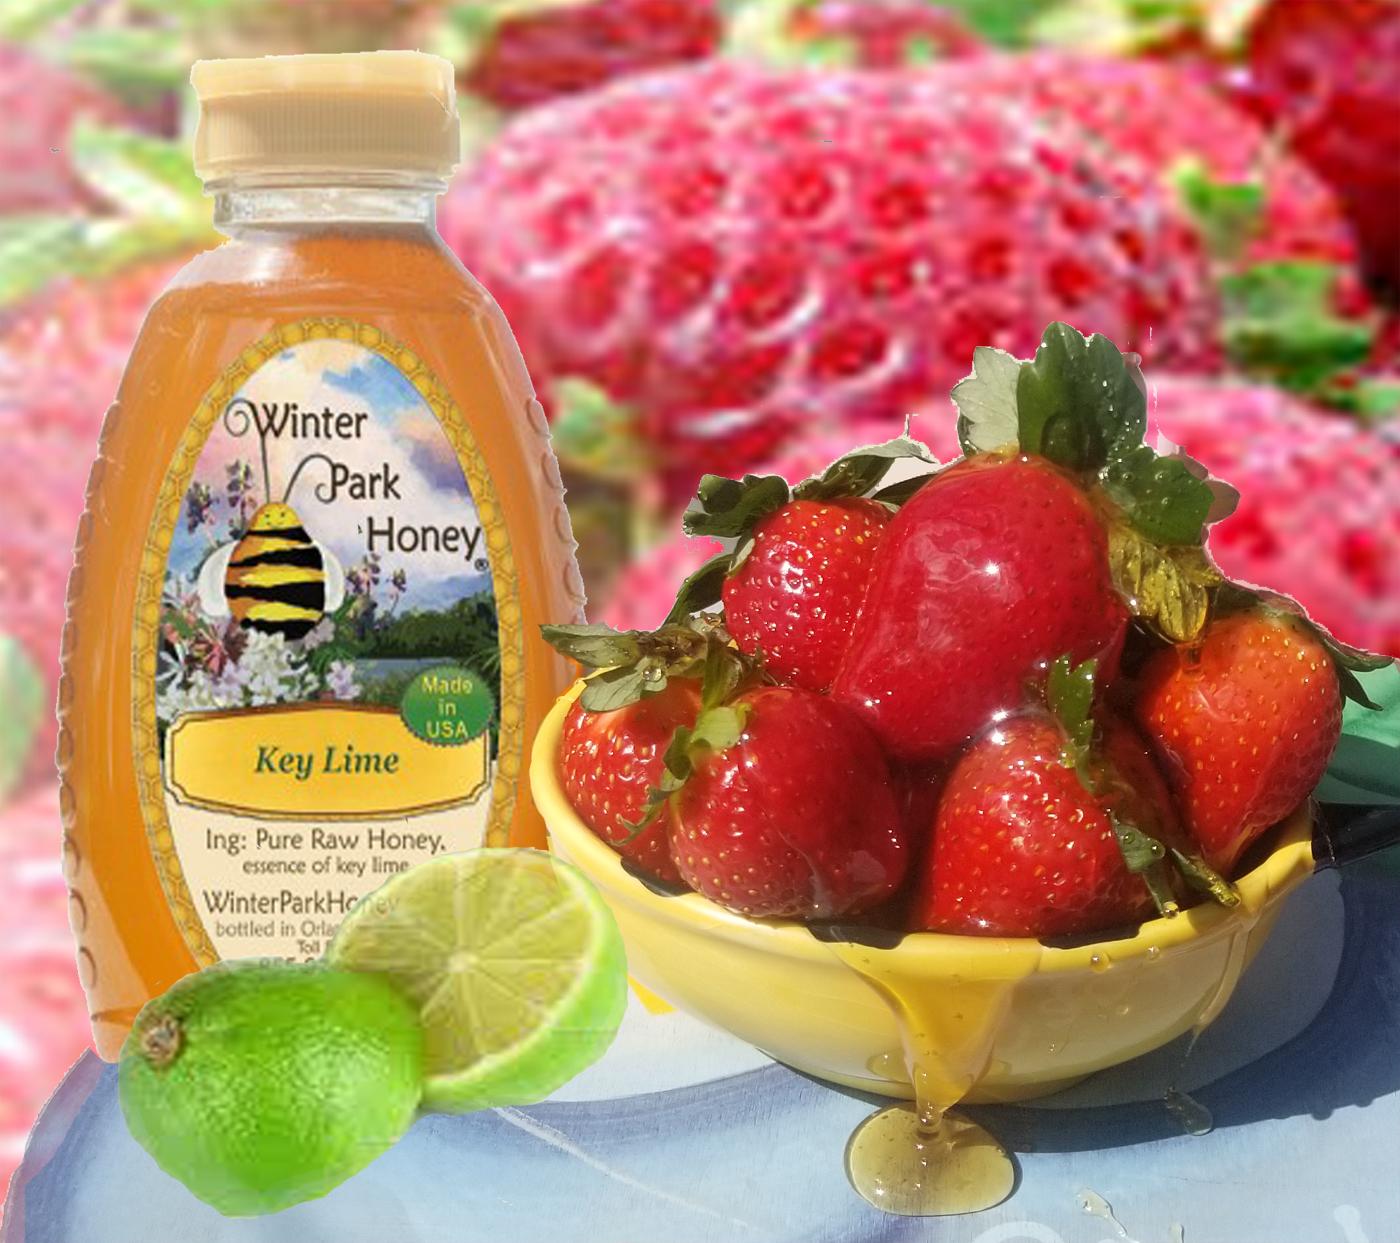 key lime honey over strawberries